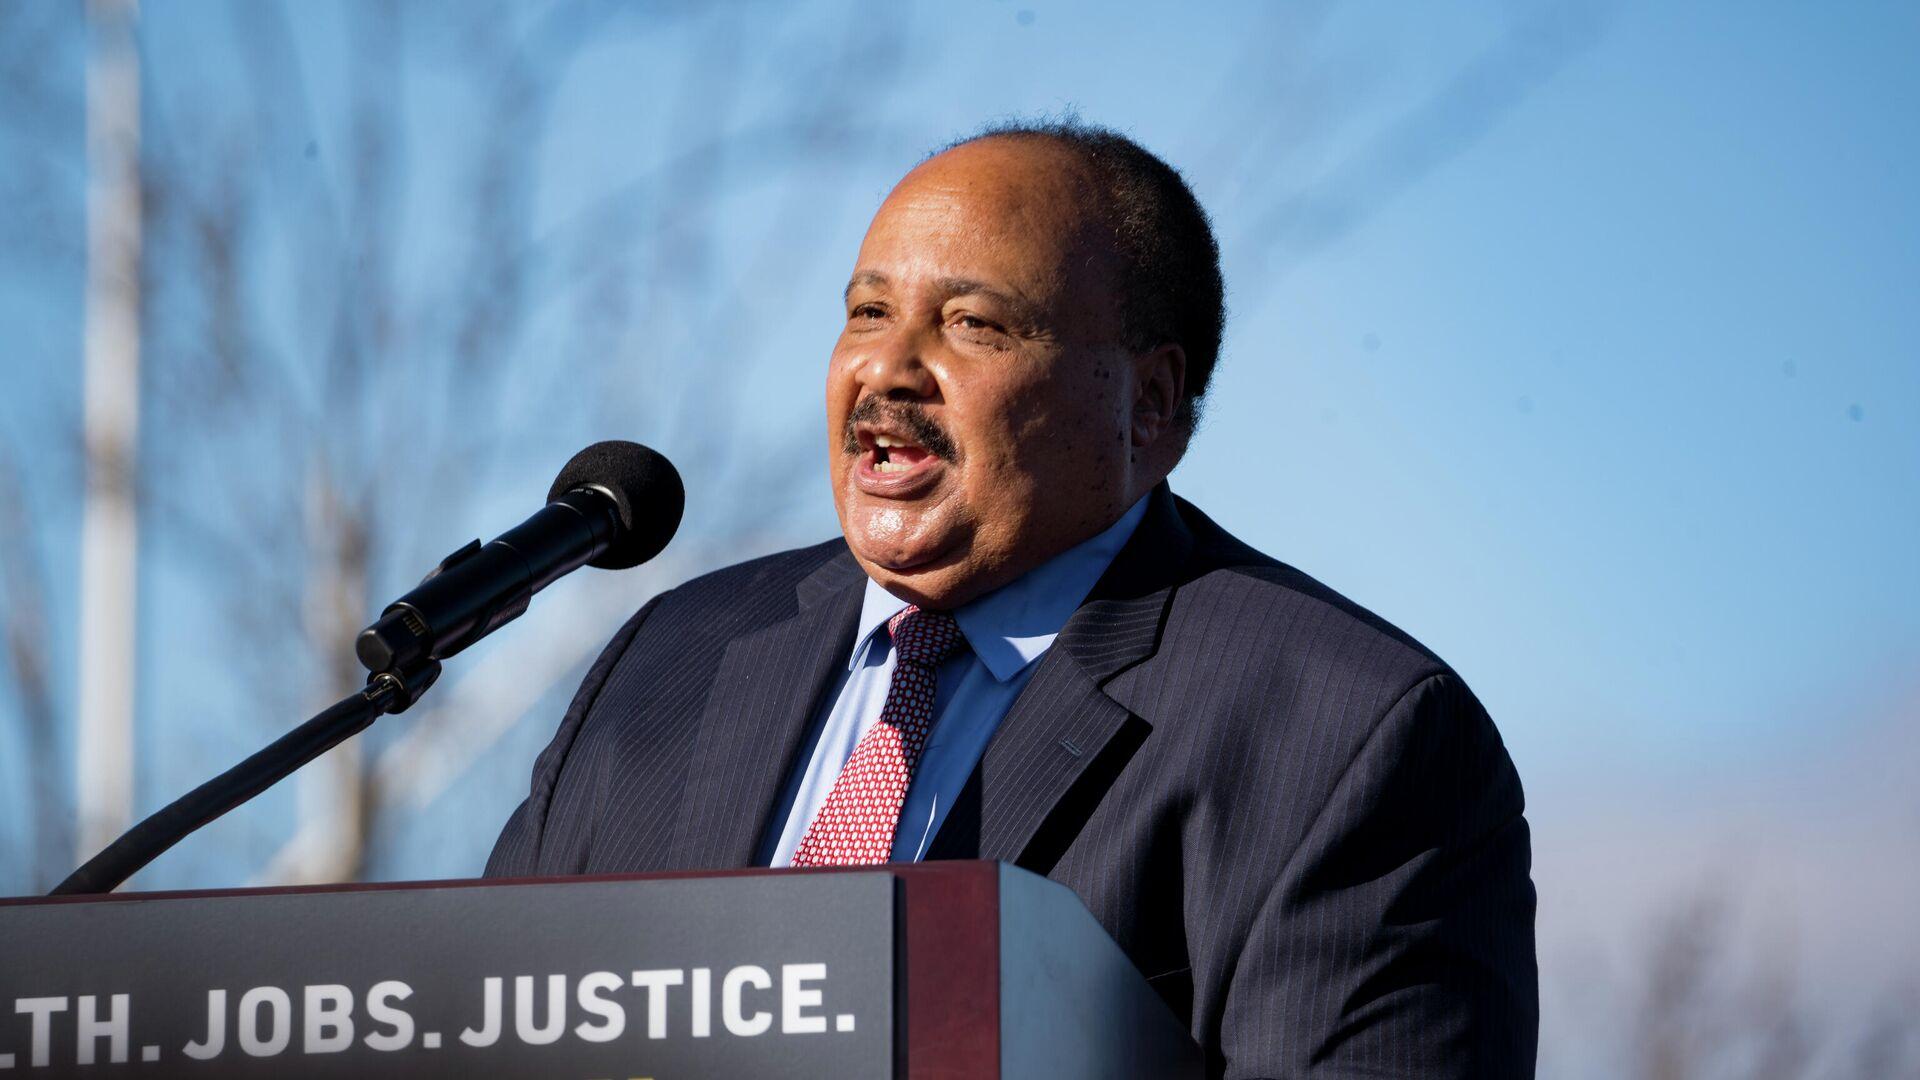 El activista pro derechos humanos Martin Luther King III, hijo del histórico líder defensor de los derechos de los afrodescendientes - Sputnik Mundo, 1920, 11.02.2021